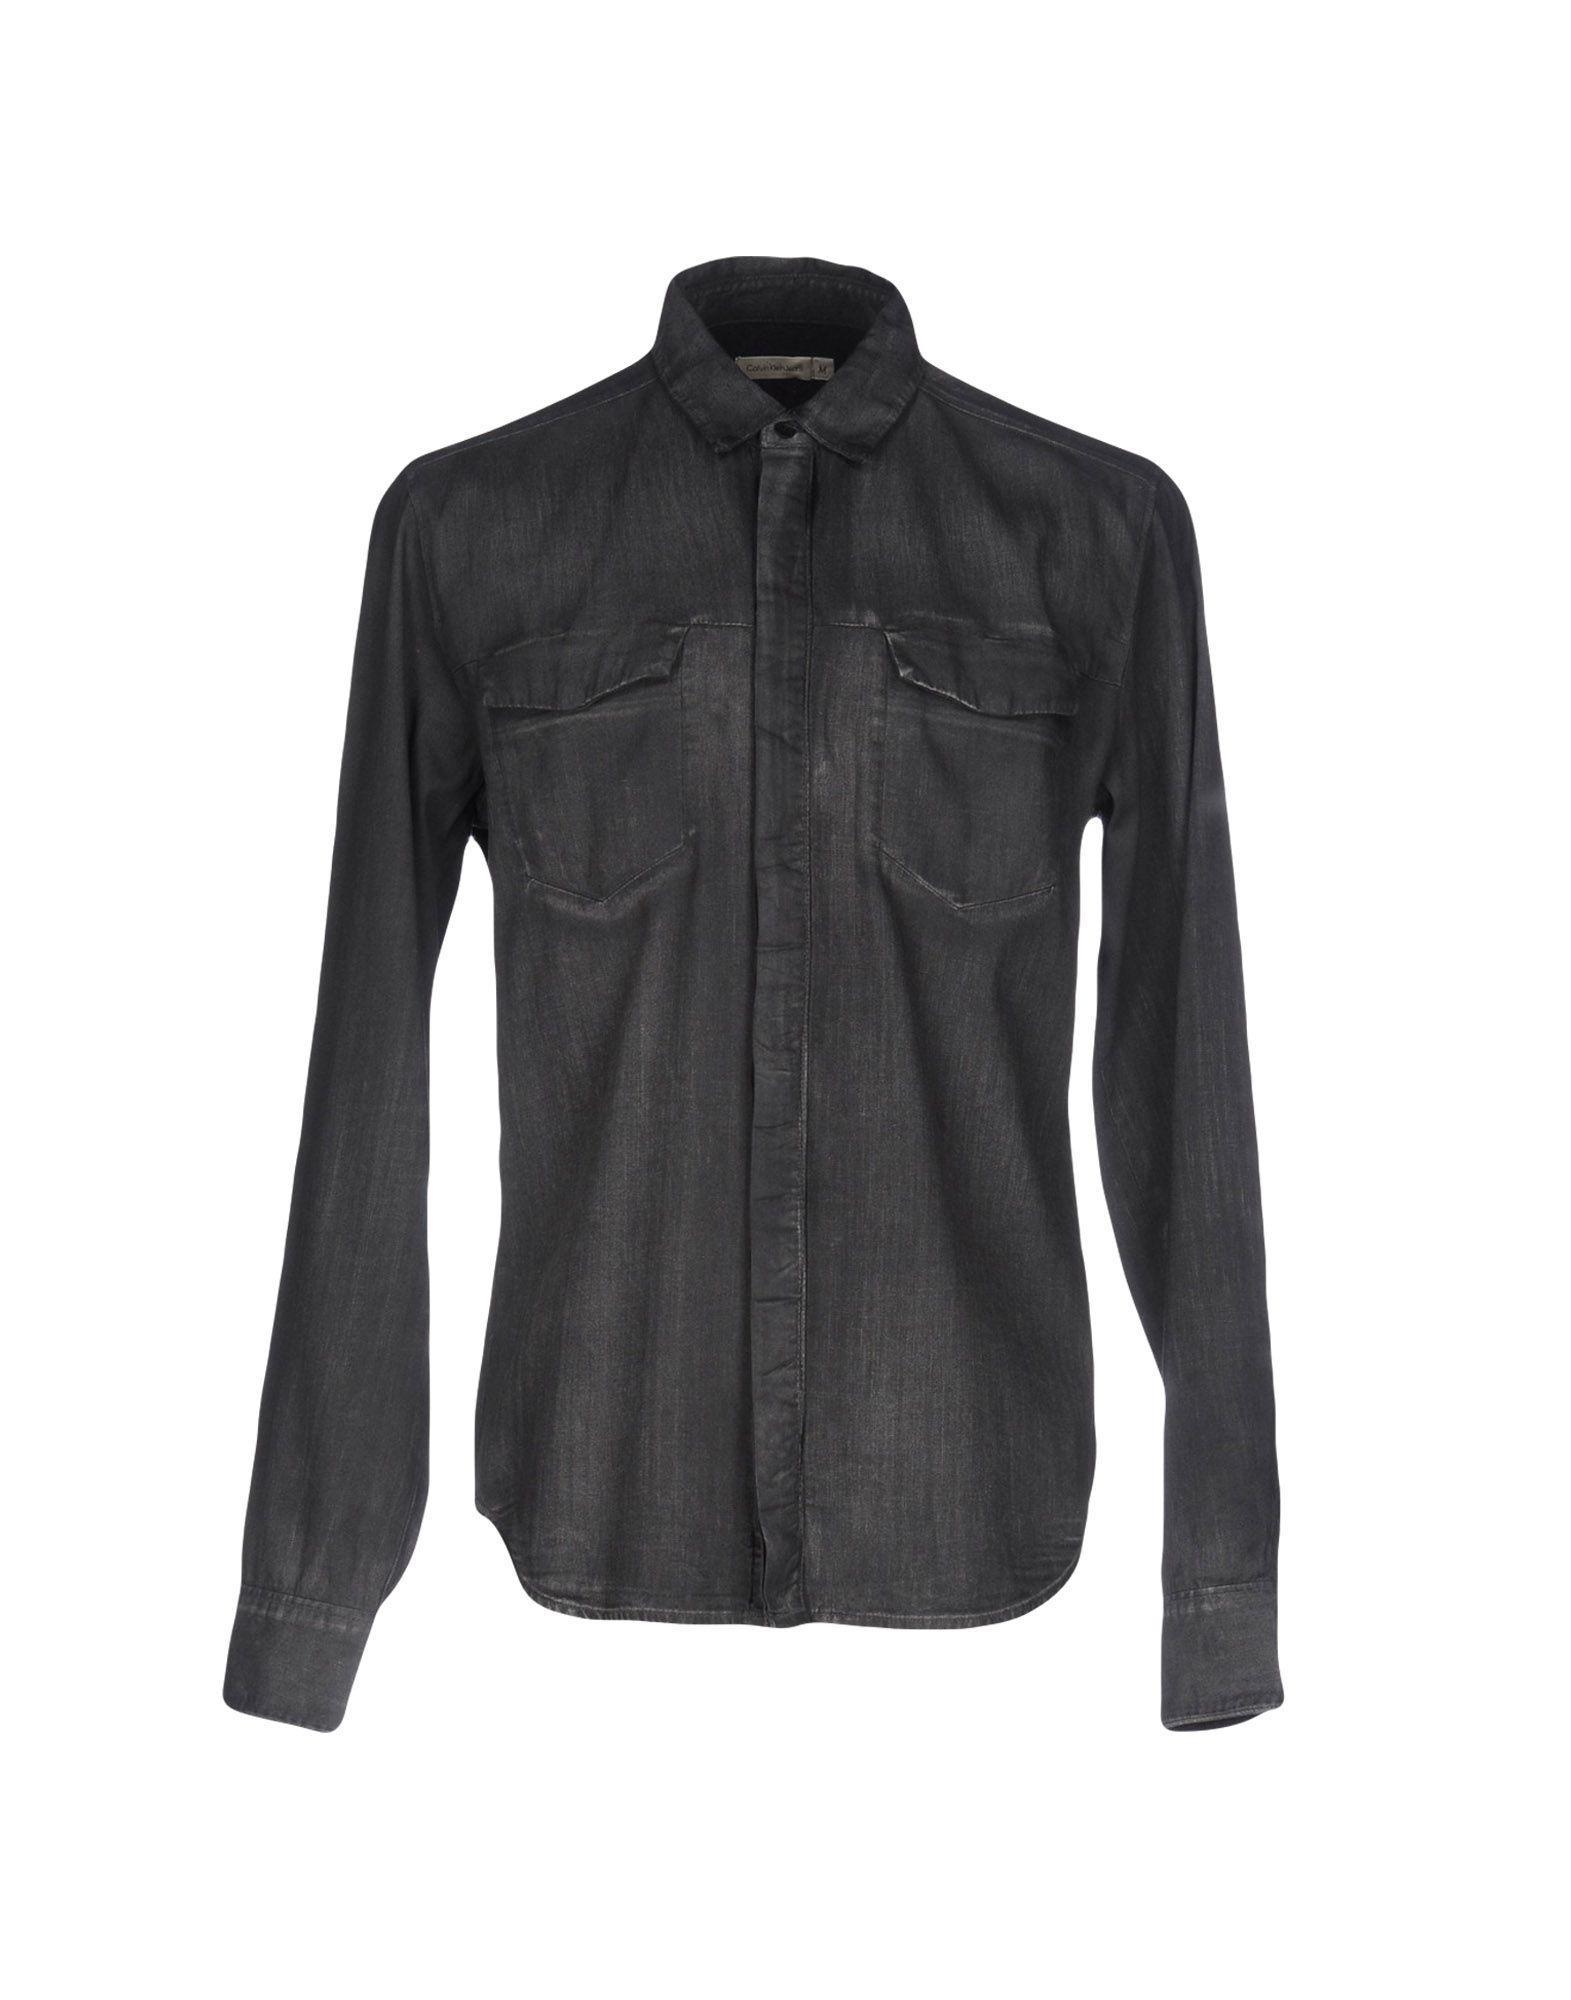 calvin klein jeans denim shirt in black for men lyst. Black Bedroom Furniture Sets. Home Design Ideas